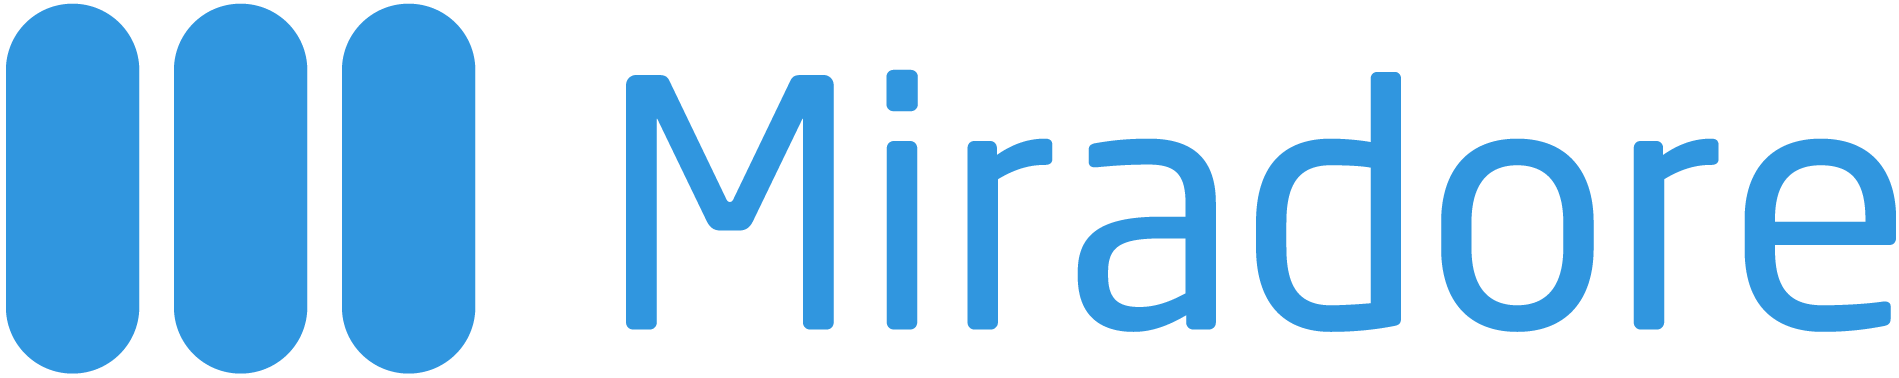 miradore_logo-blue